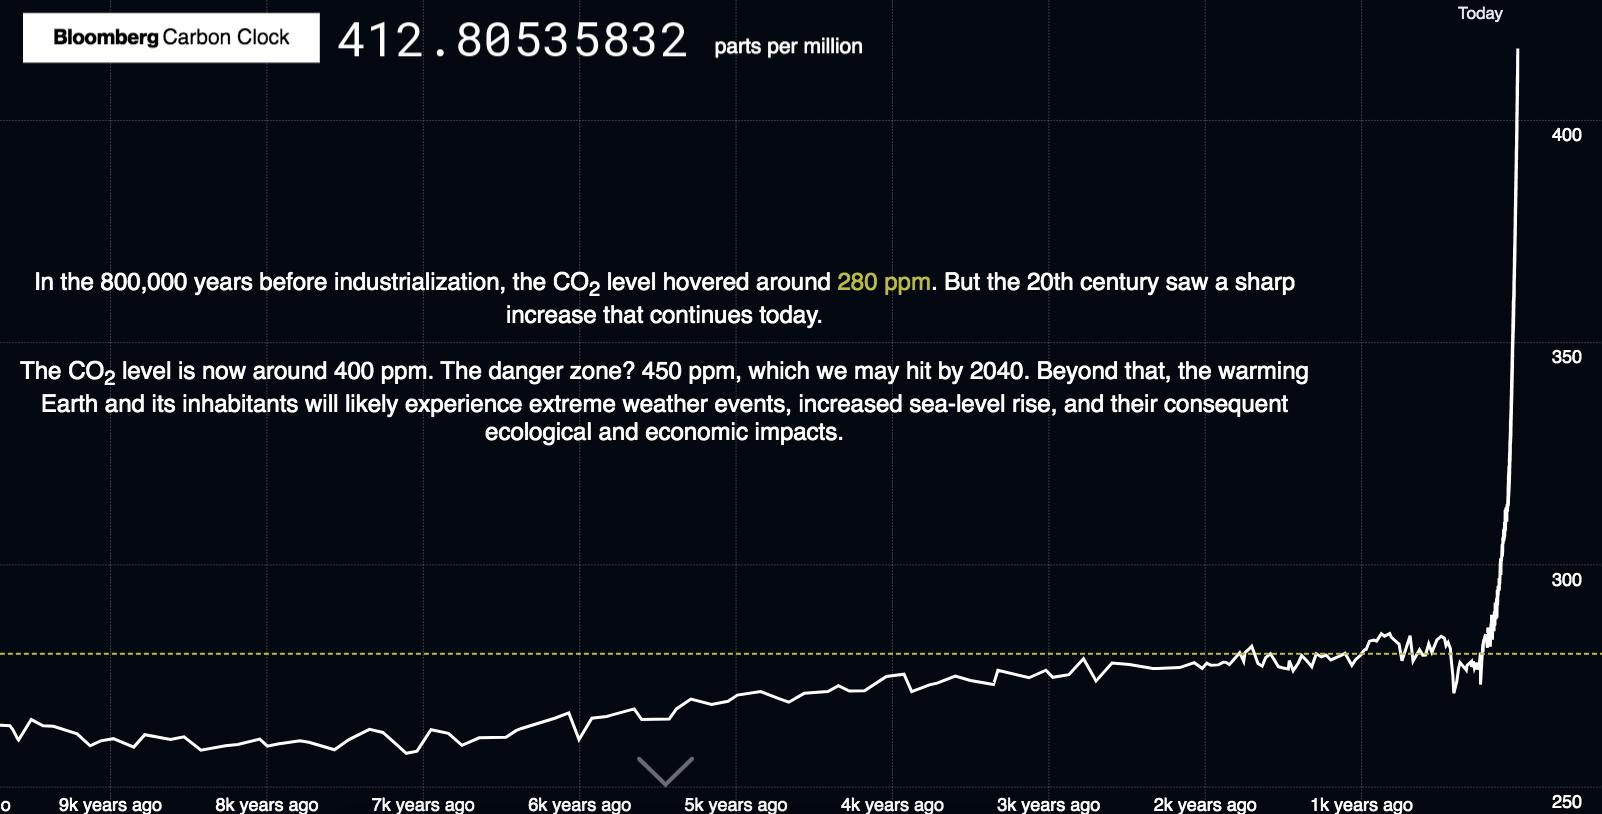 L'orologio della CO2 in atmosfera